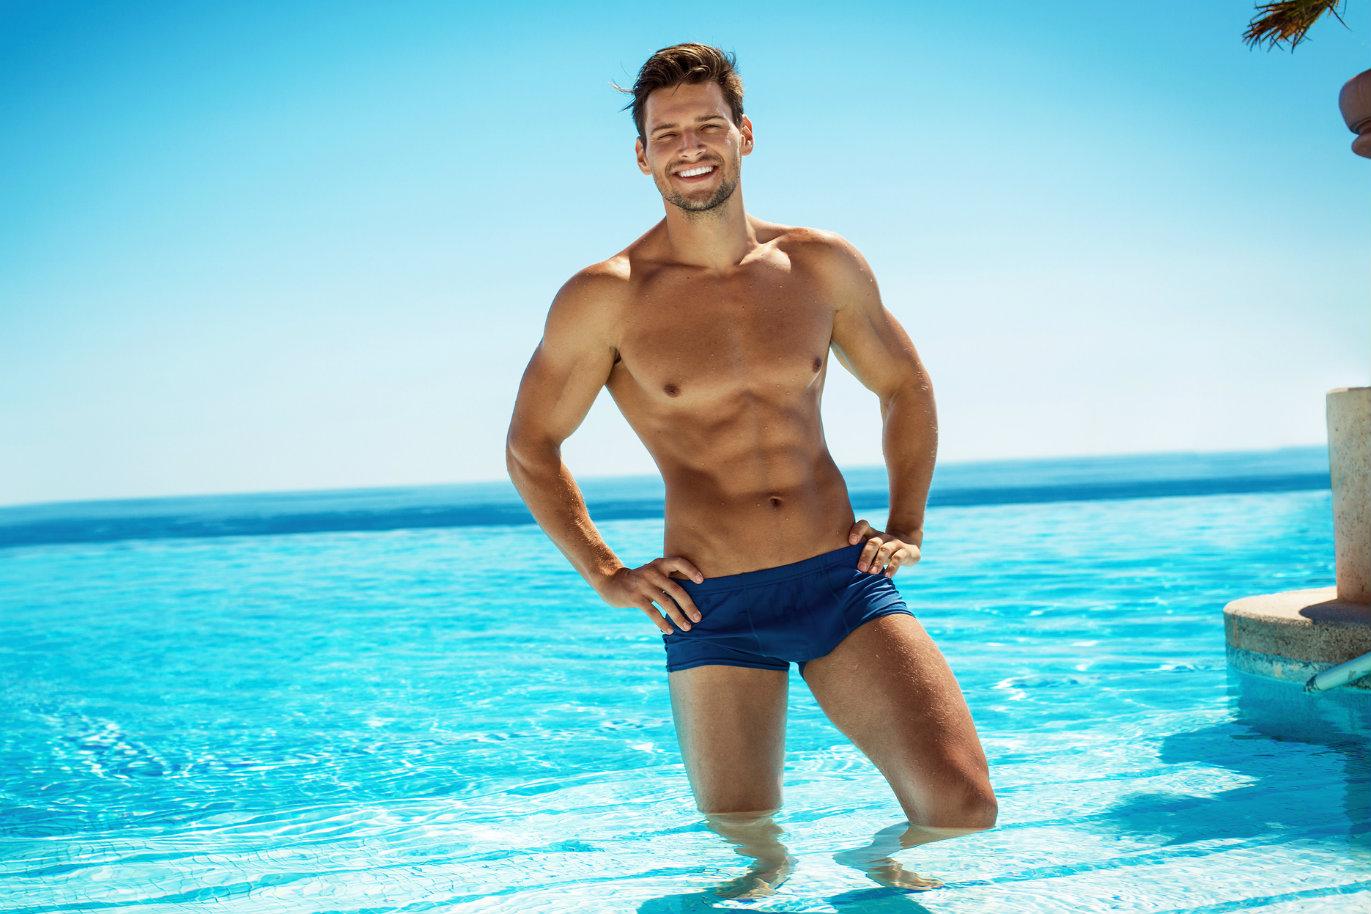 46200b2b42 Comment choisir son maillot de bain pour se mettre en valeur ...